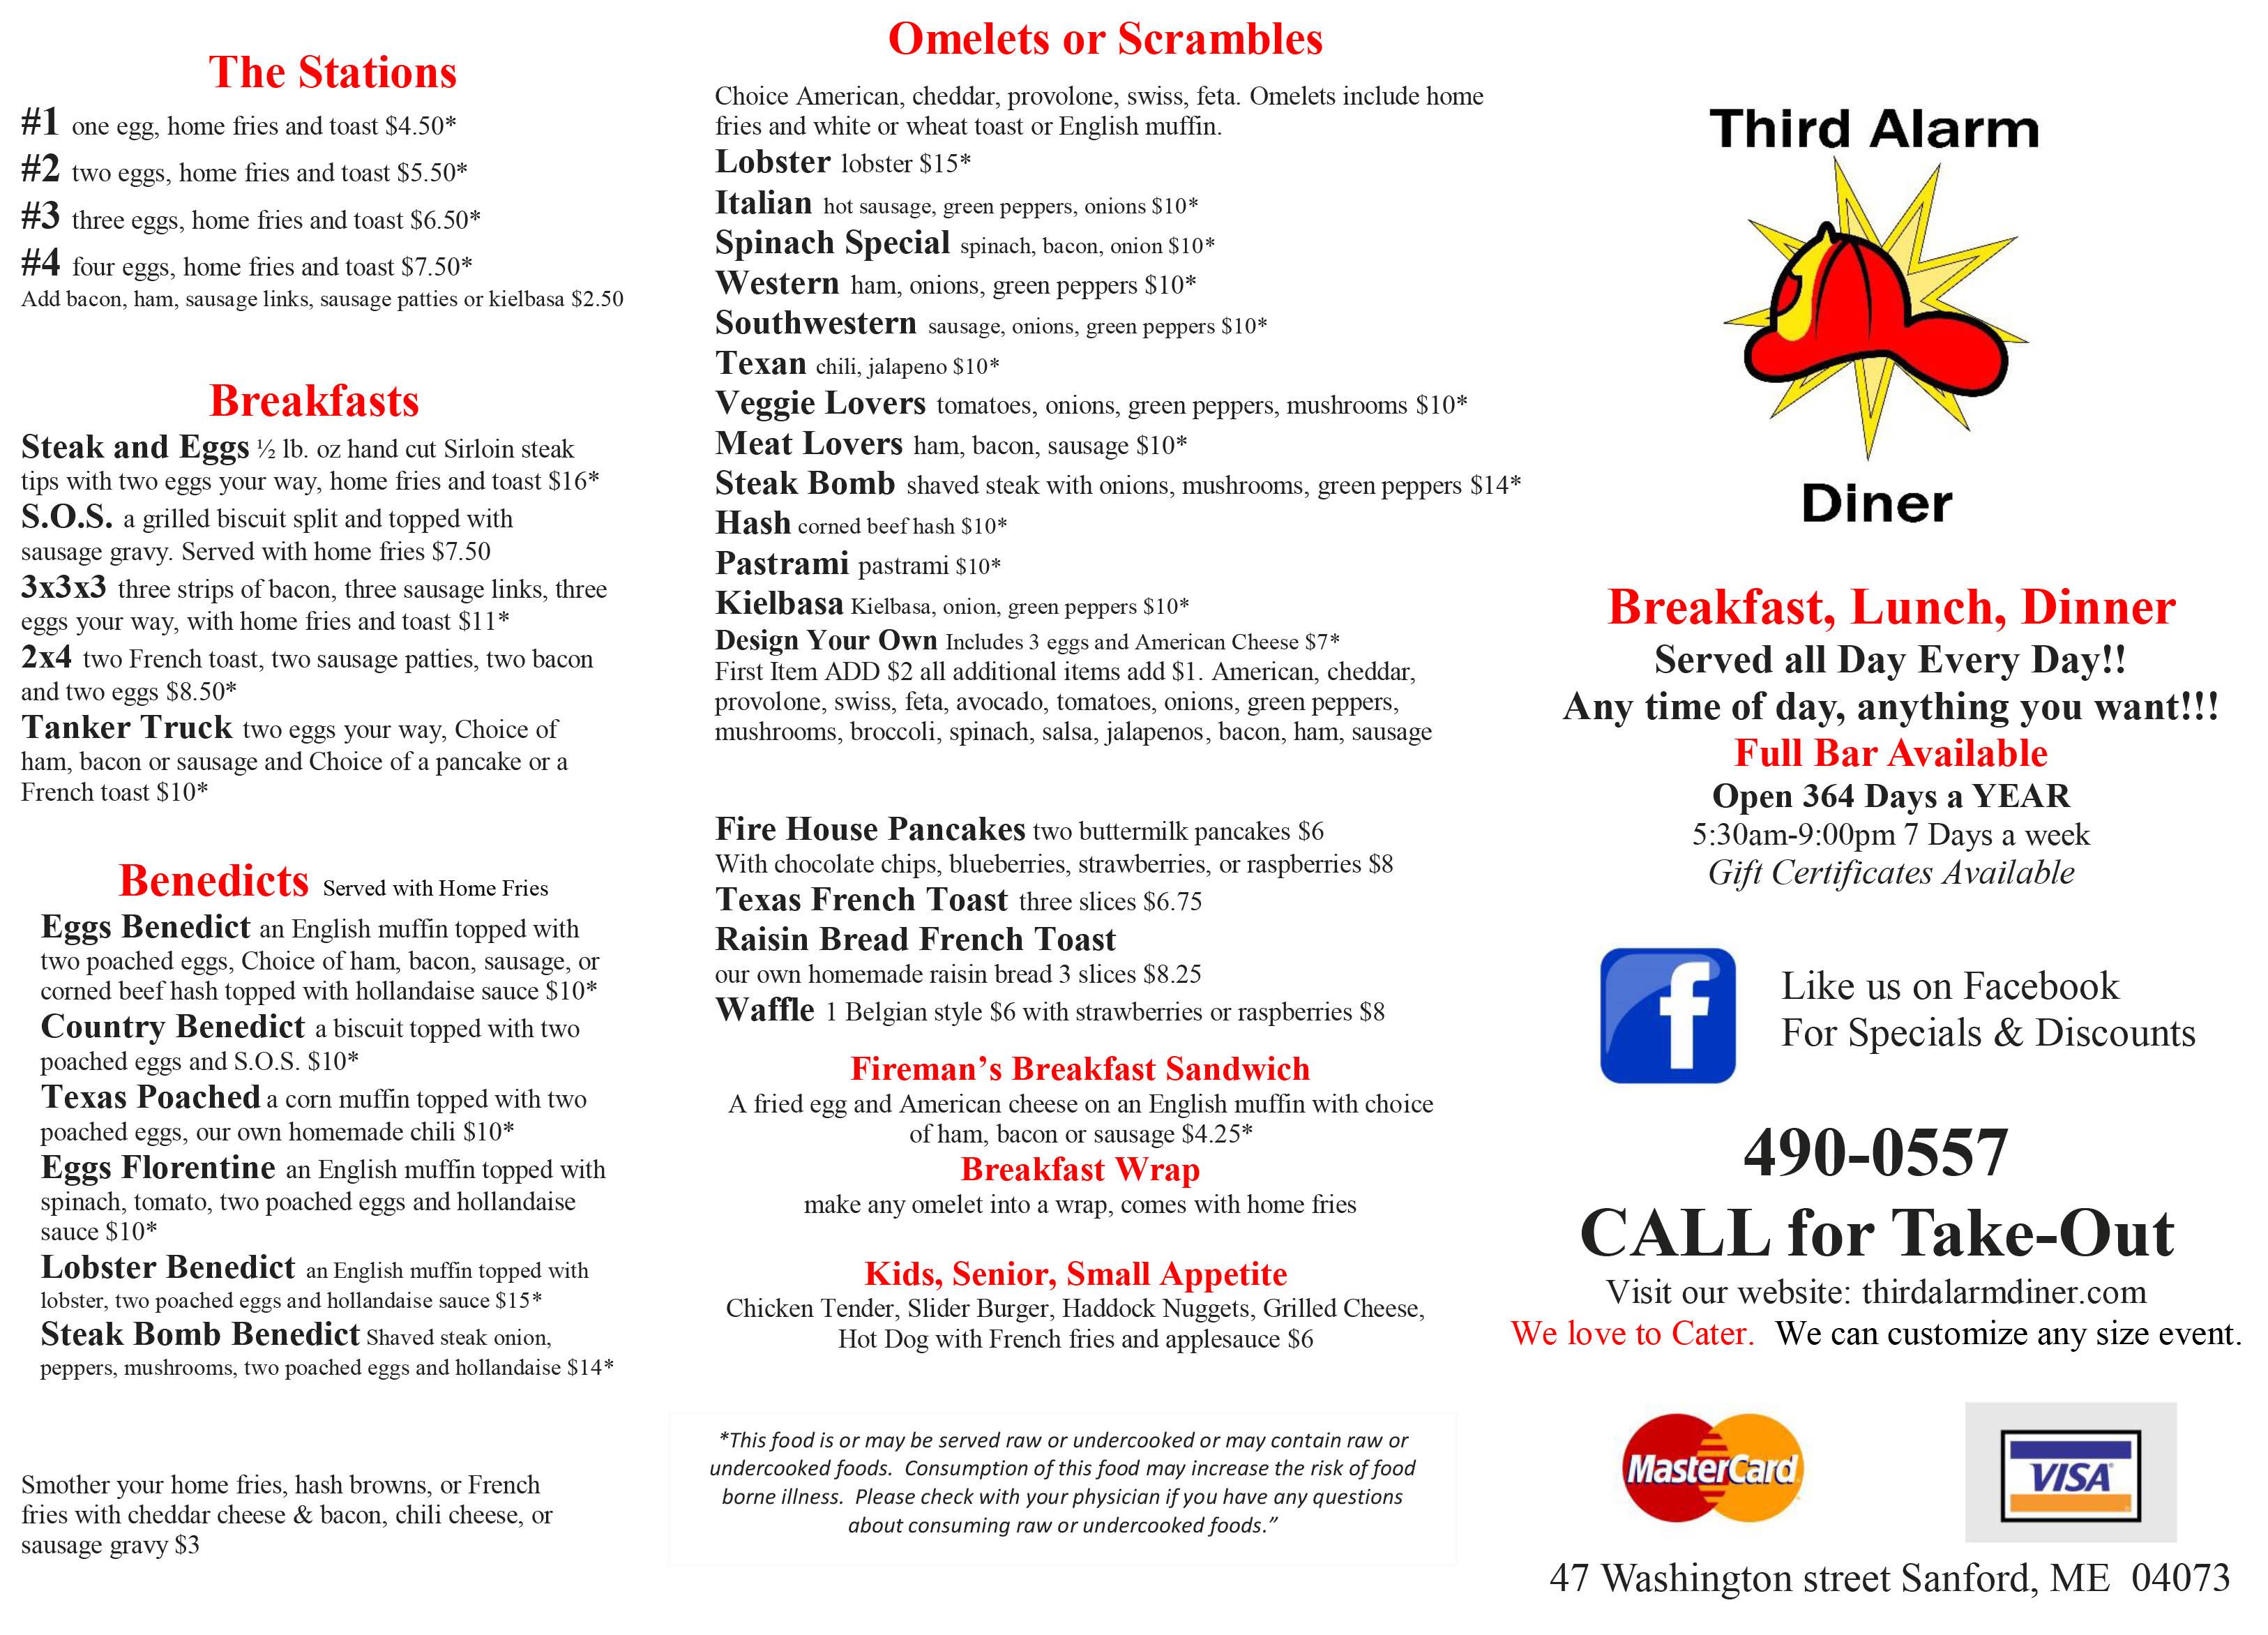 Menu: Sanford, Waterboro, ME | Third Alarm Diner